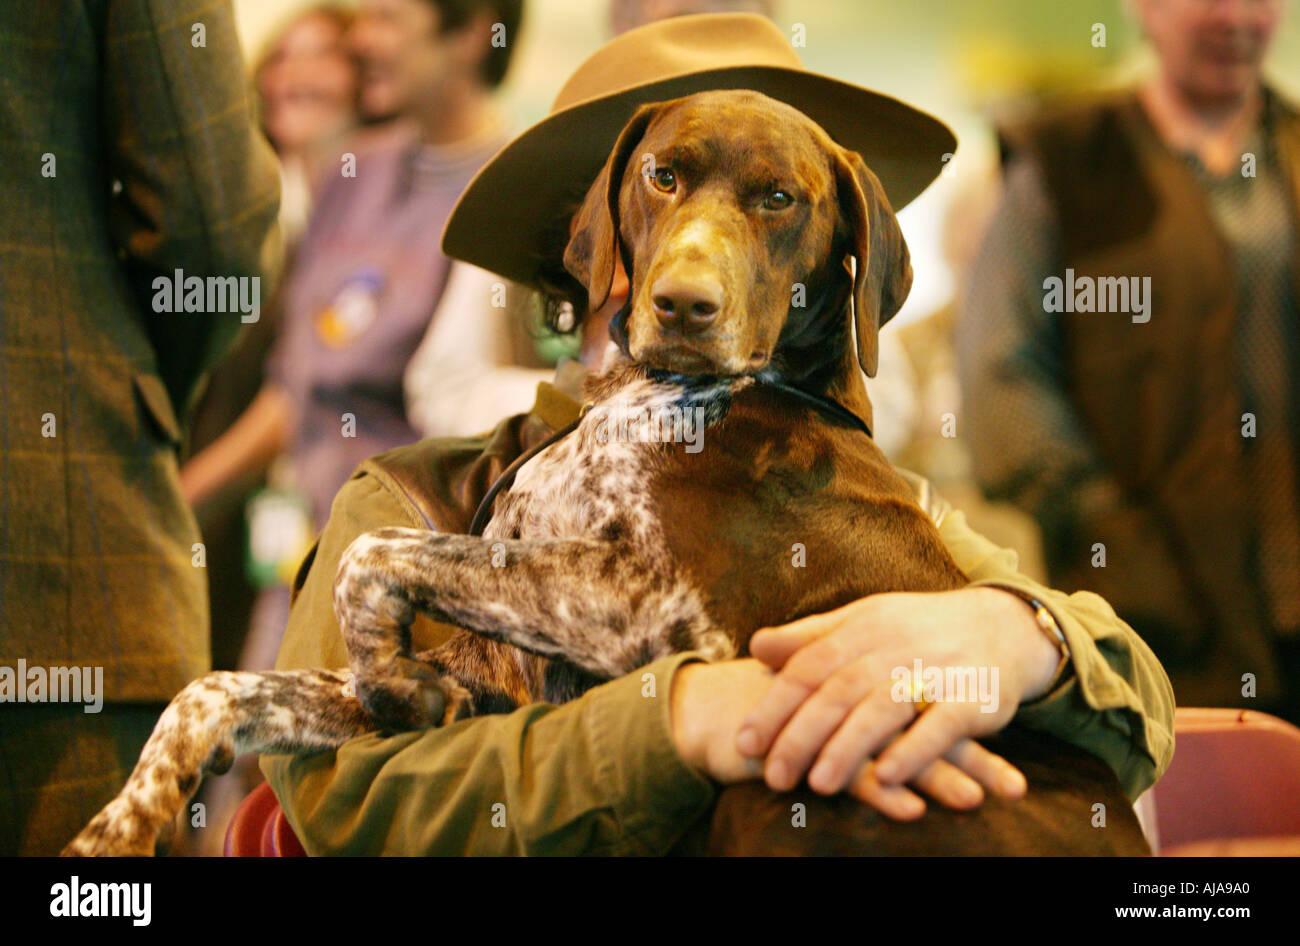 Un cane seduto sui suoi proprietari giro al Crufts presso il National Exhibition Centre Birmingham REGNO UNITO Immagini Stock